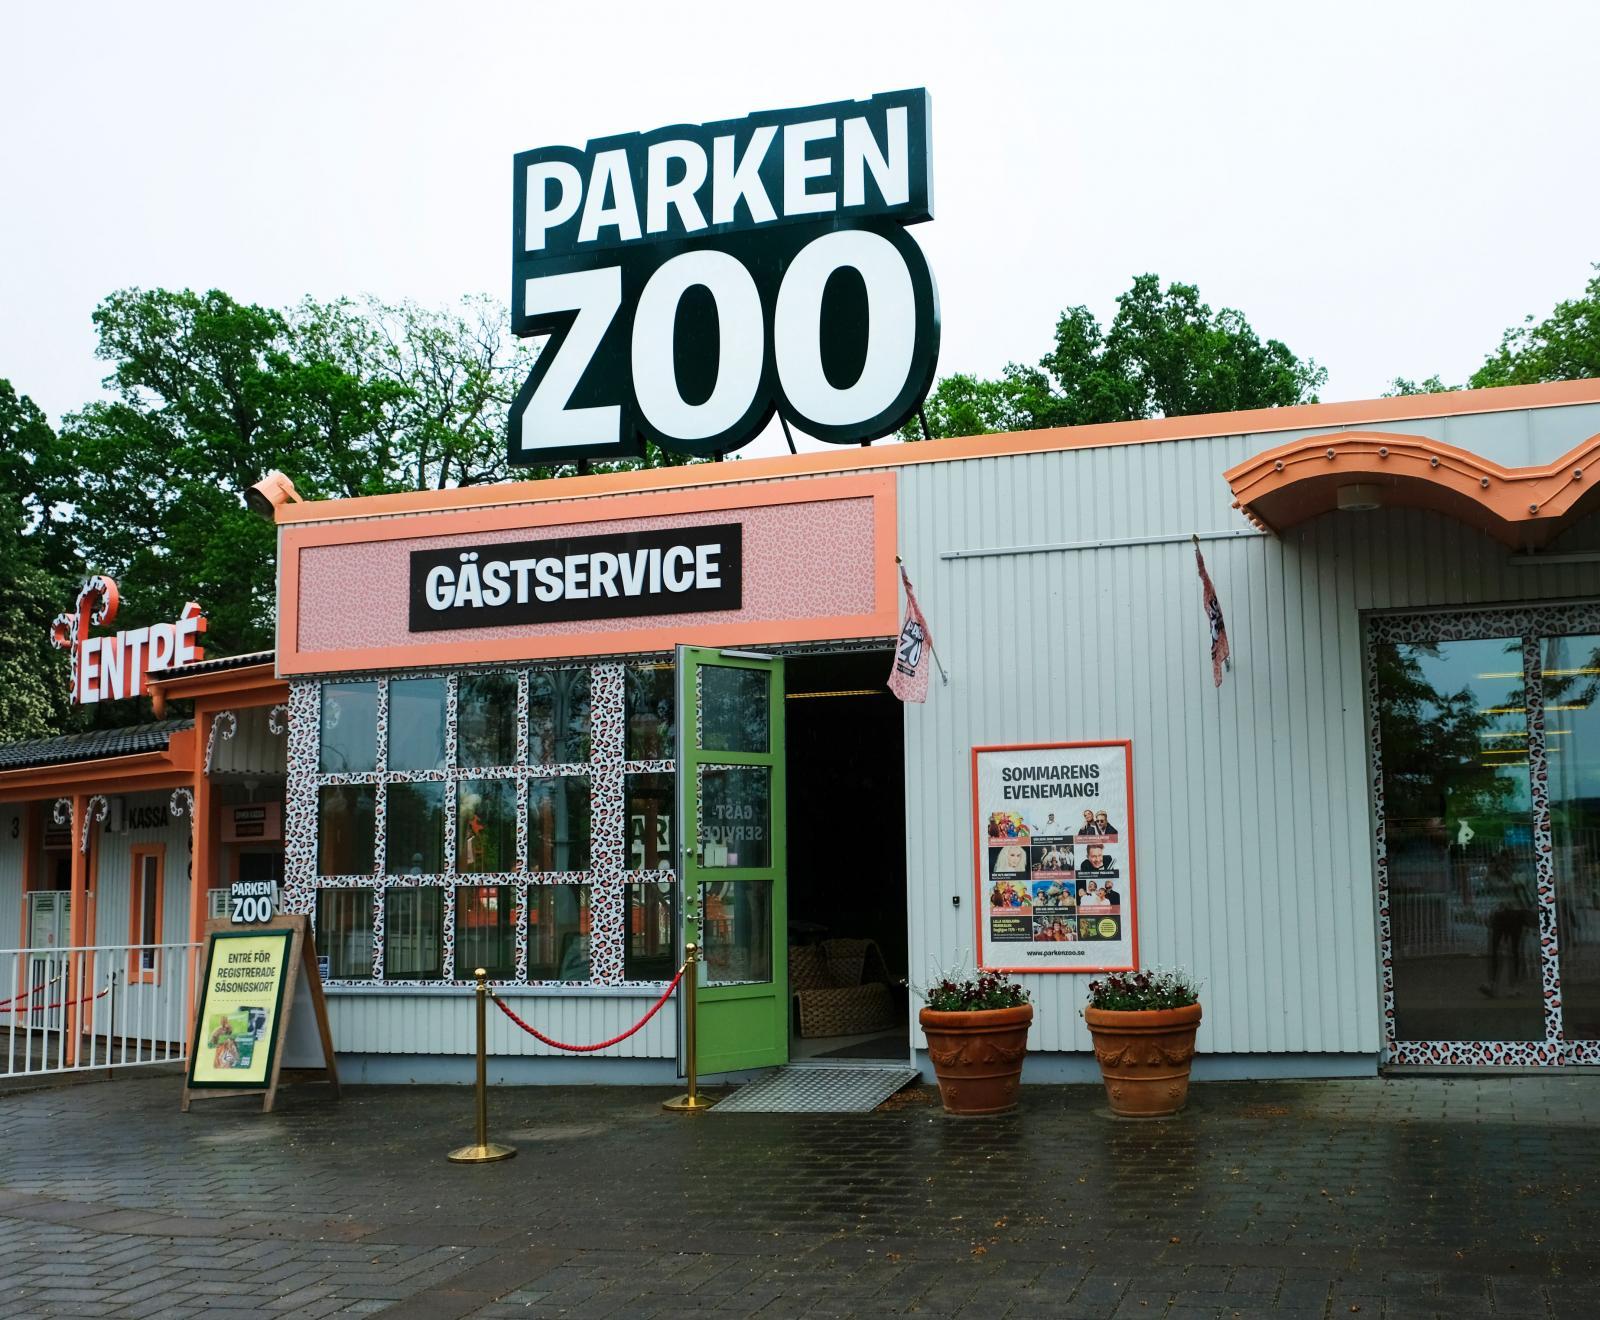 Vid entrén finns en souvenirshop att besöka innan avfärd hemåt.